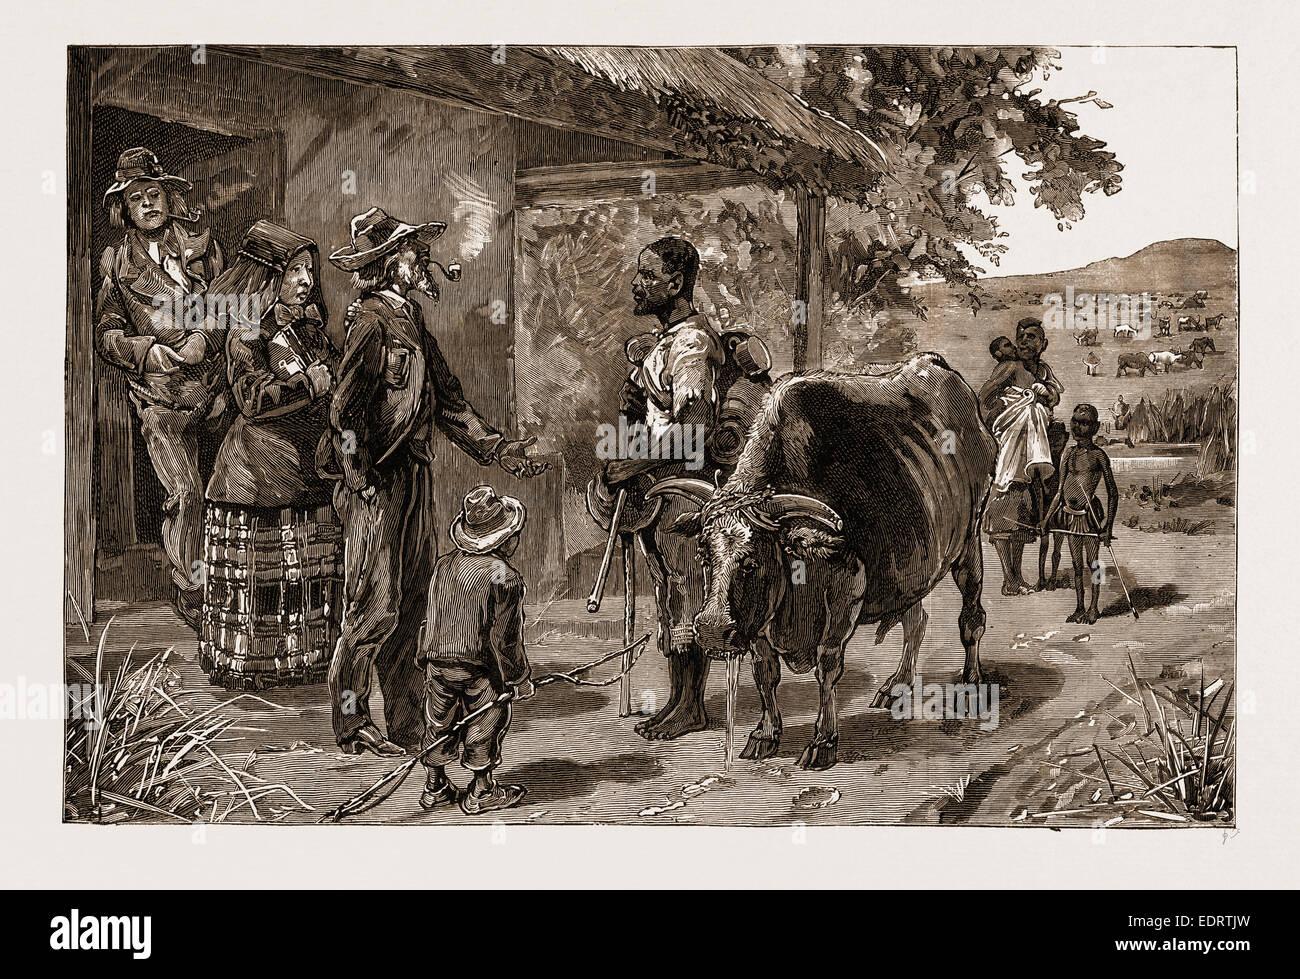 Los BOERS y su tratamiento de los negros: Dos años de salario en el Transvaal, Sudáfrica, 1883 Imagen De Stock